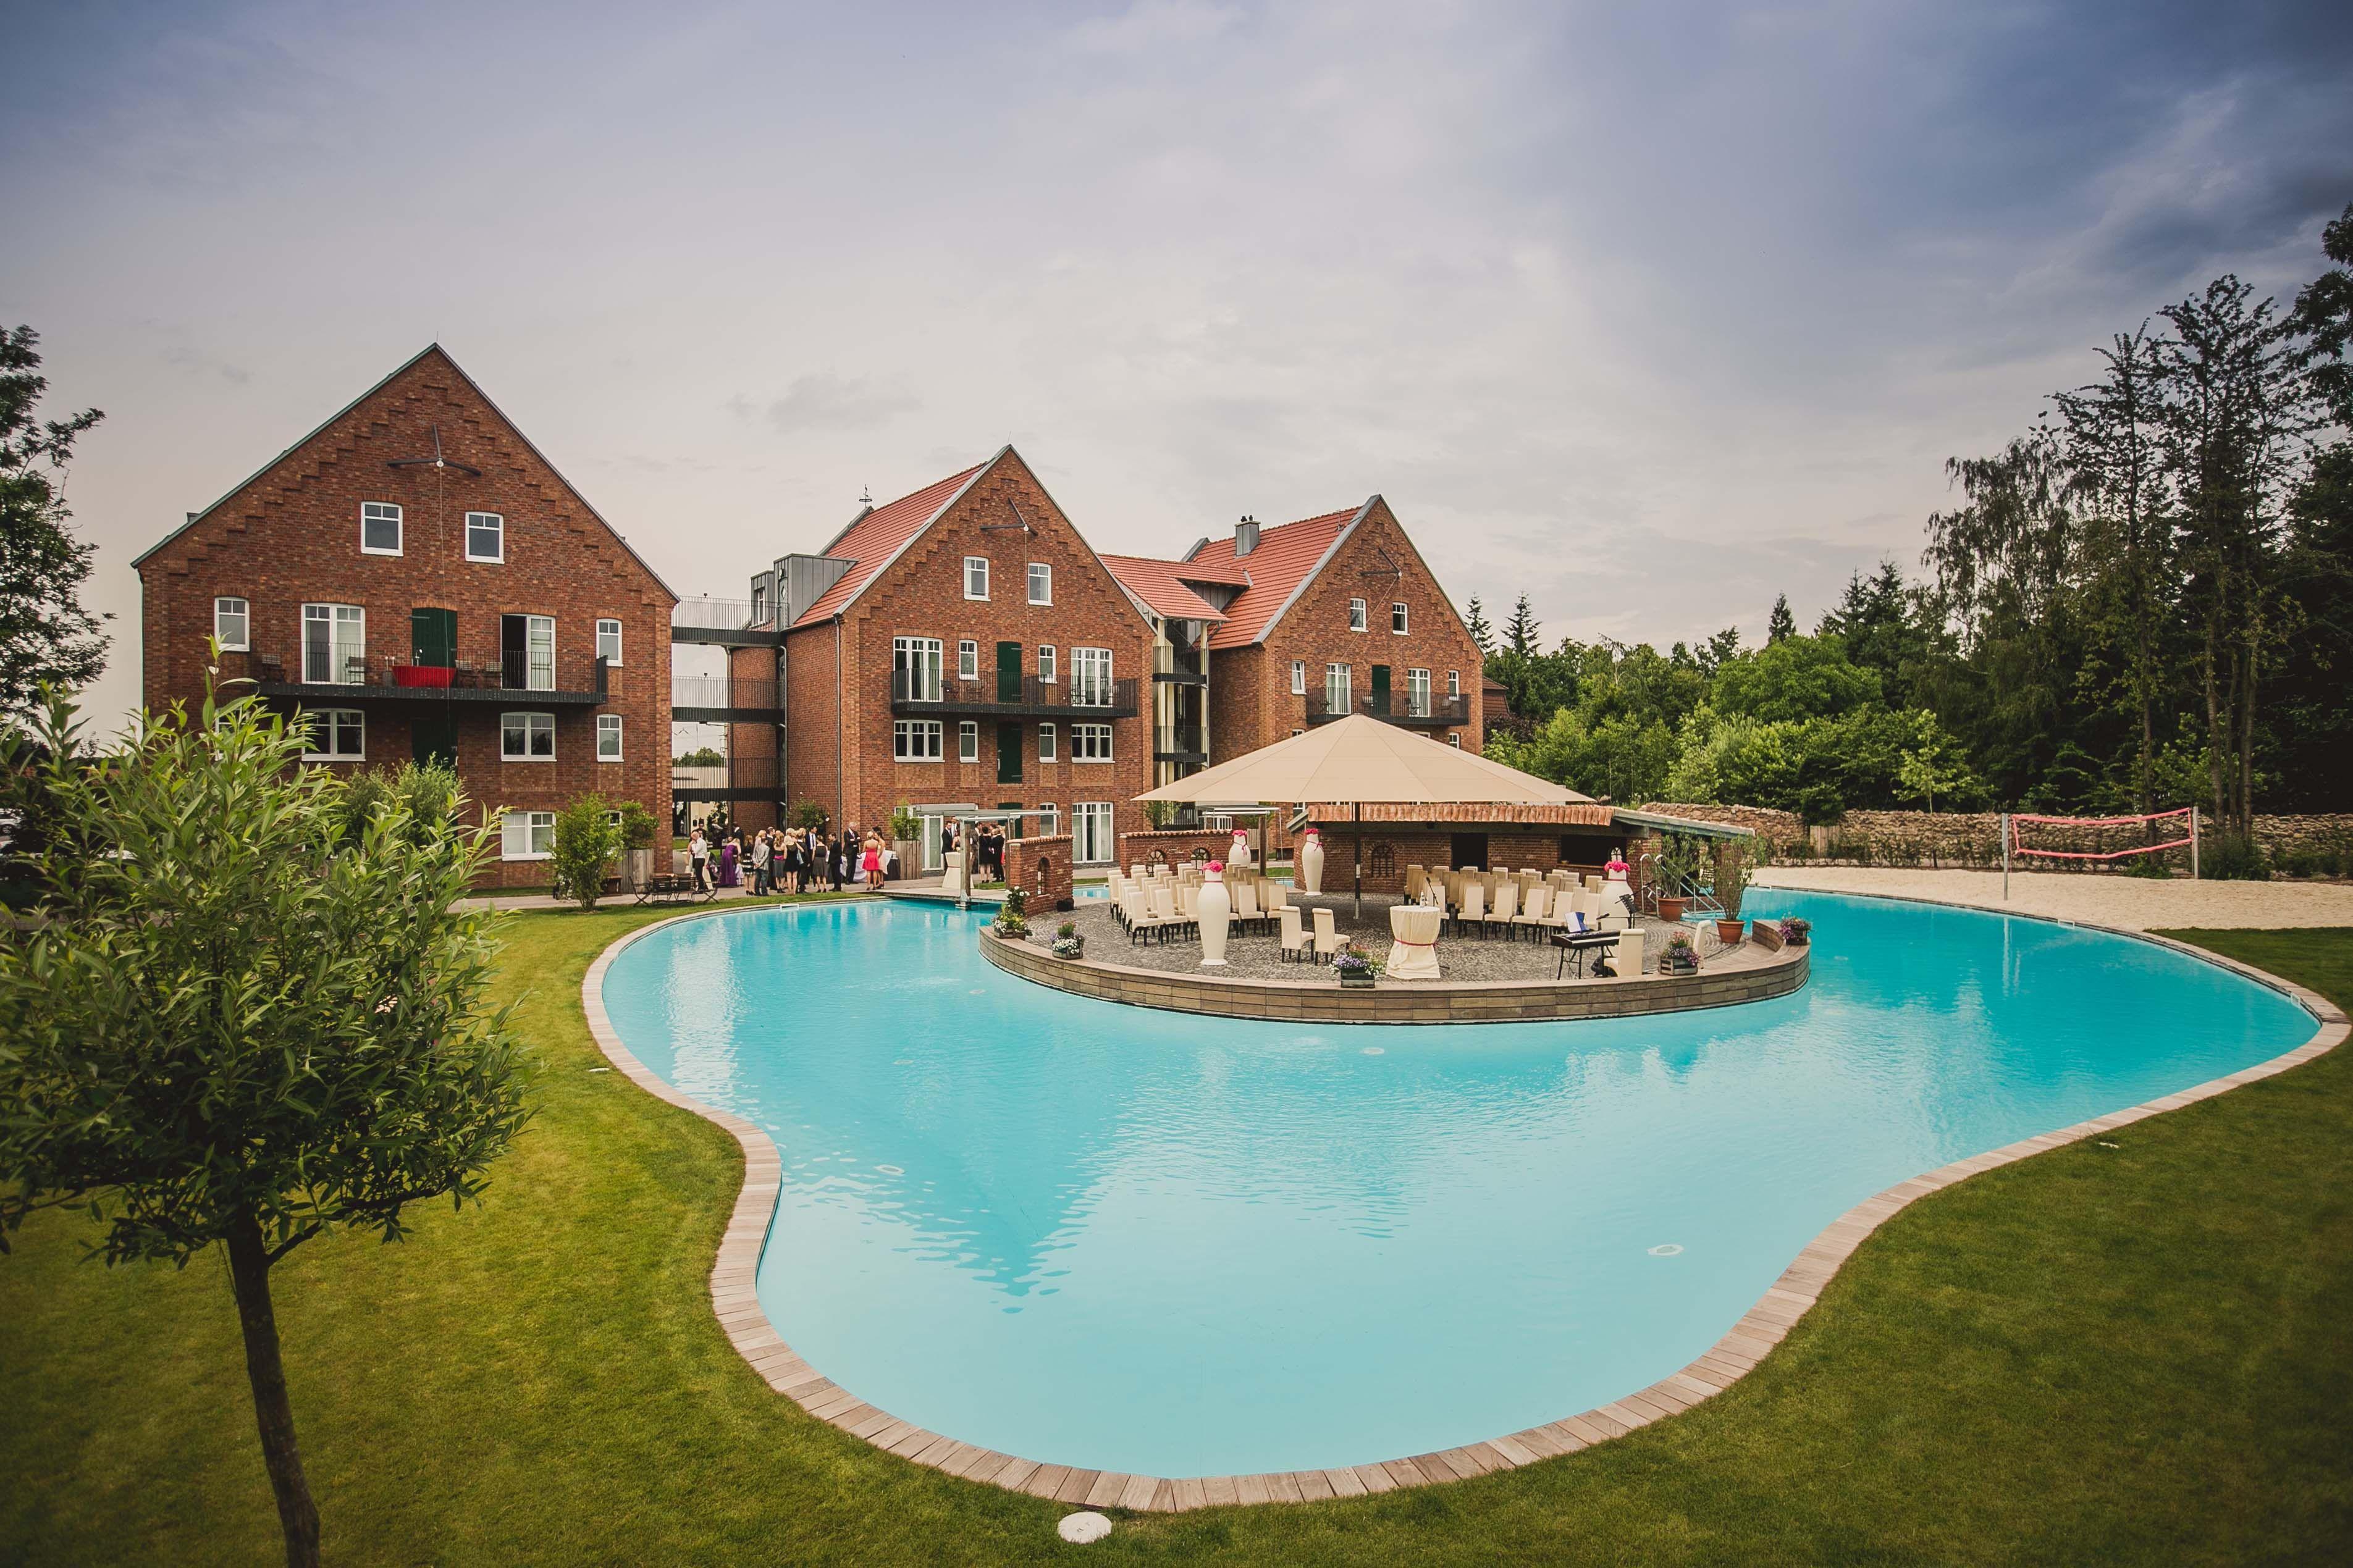 Bezaubernd Pool Salzwasser Ideen Von Der Outdoor-pool Des Landhotels Beverland.